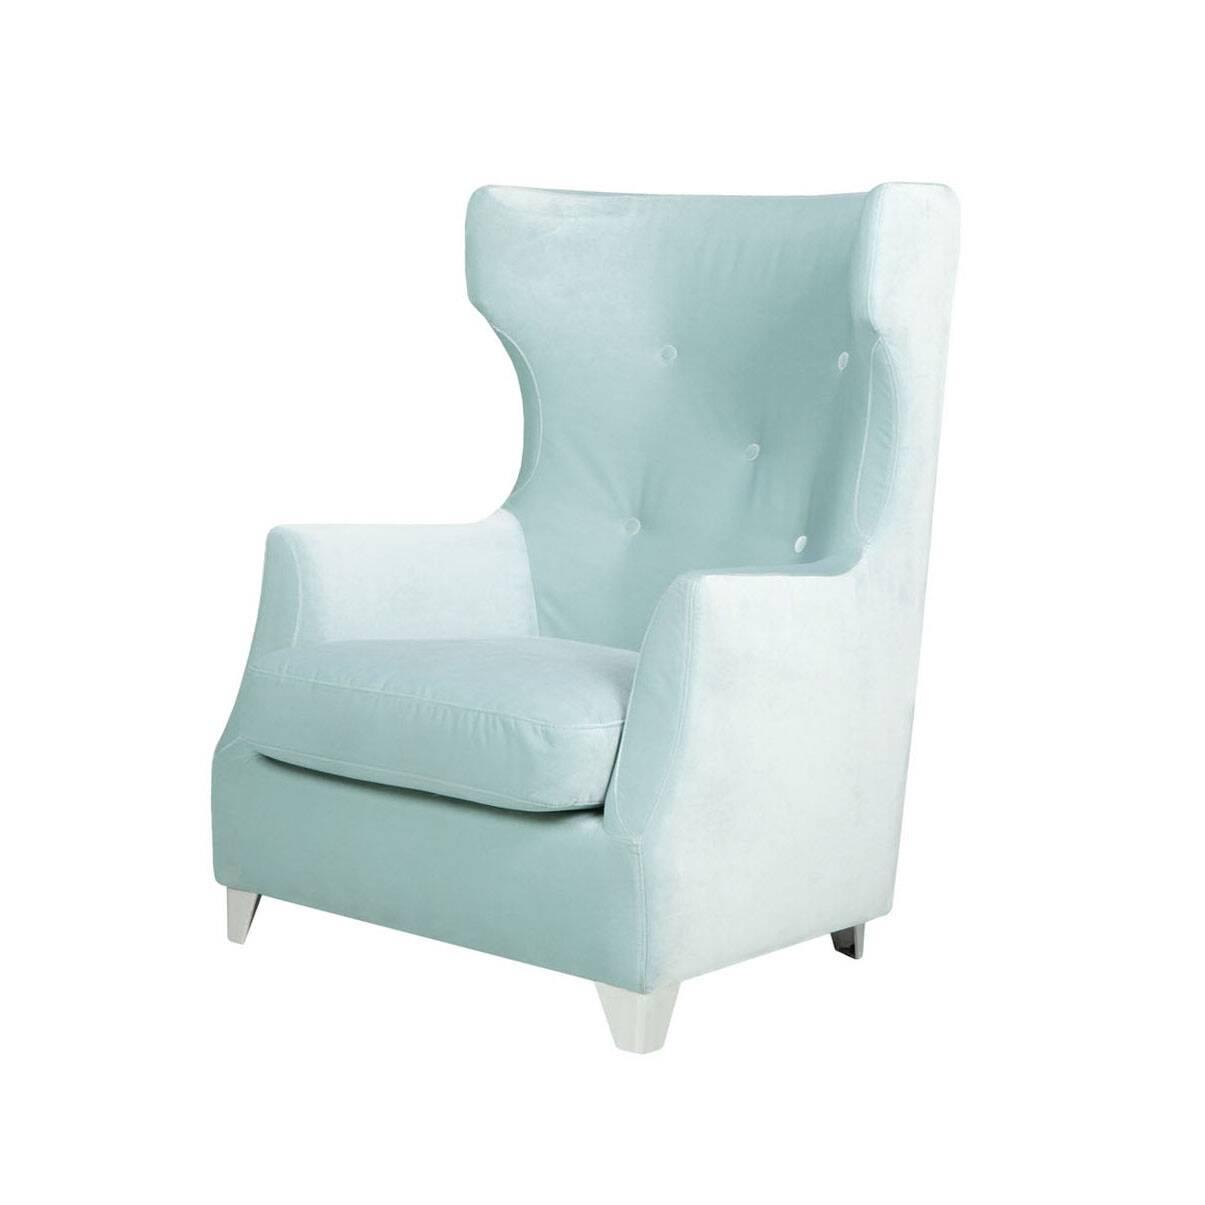 Кресло RoseИнтерьерные<br>Дизайнерское глубокое мягкое кресло Rose (Роуз) с ушами и подлокотниками от Sits (Ситс).<br><br><br> Необычные сочетания классических черт с легкими оттенками современного дизайна в интерьере — кресло Rose производит потрясающее впечатление как своим оформлением, так и очевидной комфортностью отдыха на нем. Главная примечательность кресла — его великолепная спинка. Высокая, слегка изогнутая по бокам, украшенная элегантными пуговицами — такая форма кресла идеально подходит для полноценного рассла...<br><br>stock: 0<br>Высота: 103<br>Высота сиденья: 42<br>Ширина: 82<br>Глубина: 86<br>Цвет ножек: Хром<br>Материал обивки: Полиэстер<br>Степень комфортности: Стандарт комфорт<br>Форма подлокотников: Стандарт<br>Коллекция ткани: Категория ткани III<br>Тип материала обивки: Ткань<br>Тип материала ножек: Металл<br>Цвет обивки: Светло-бирюзовый